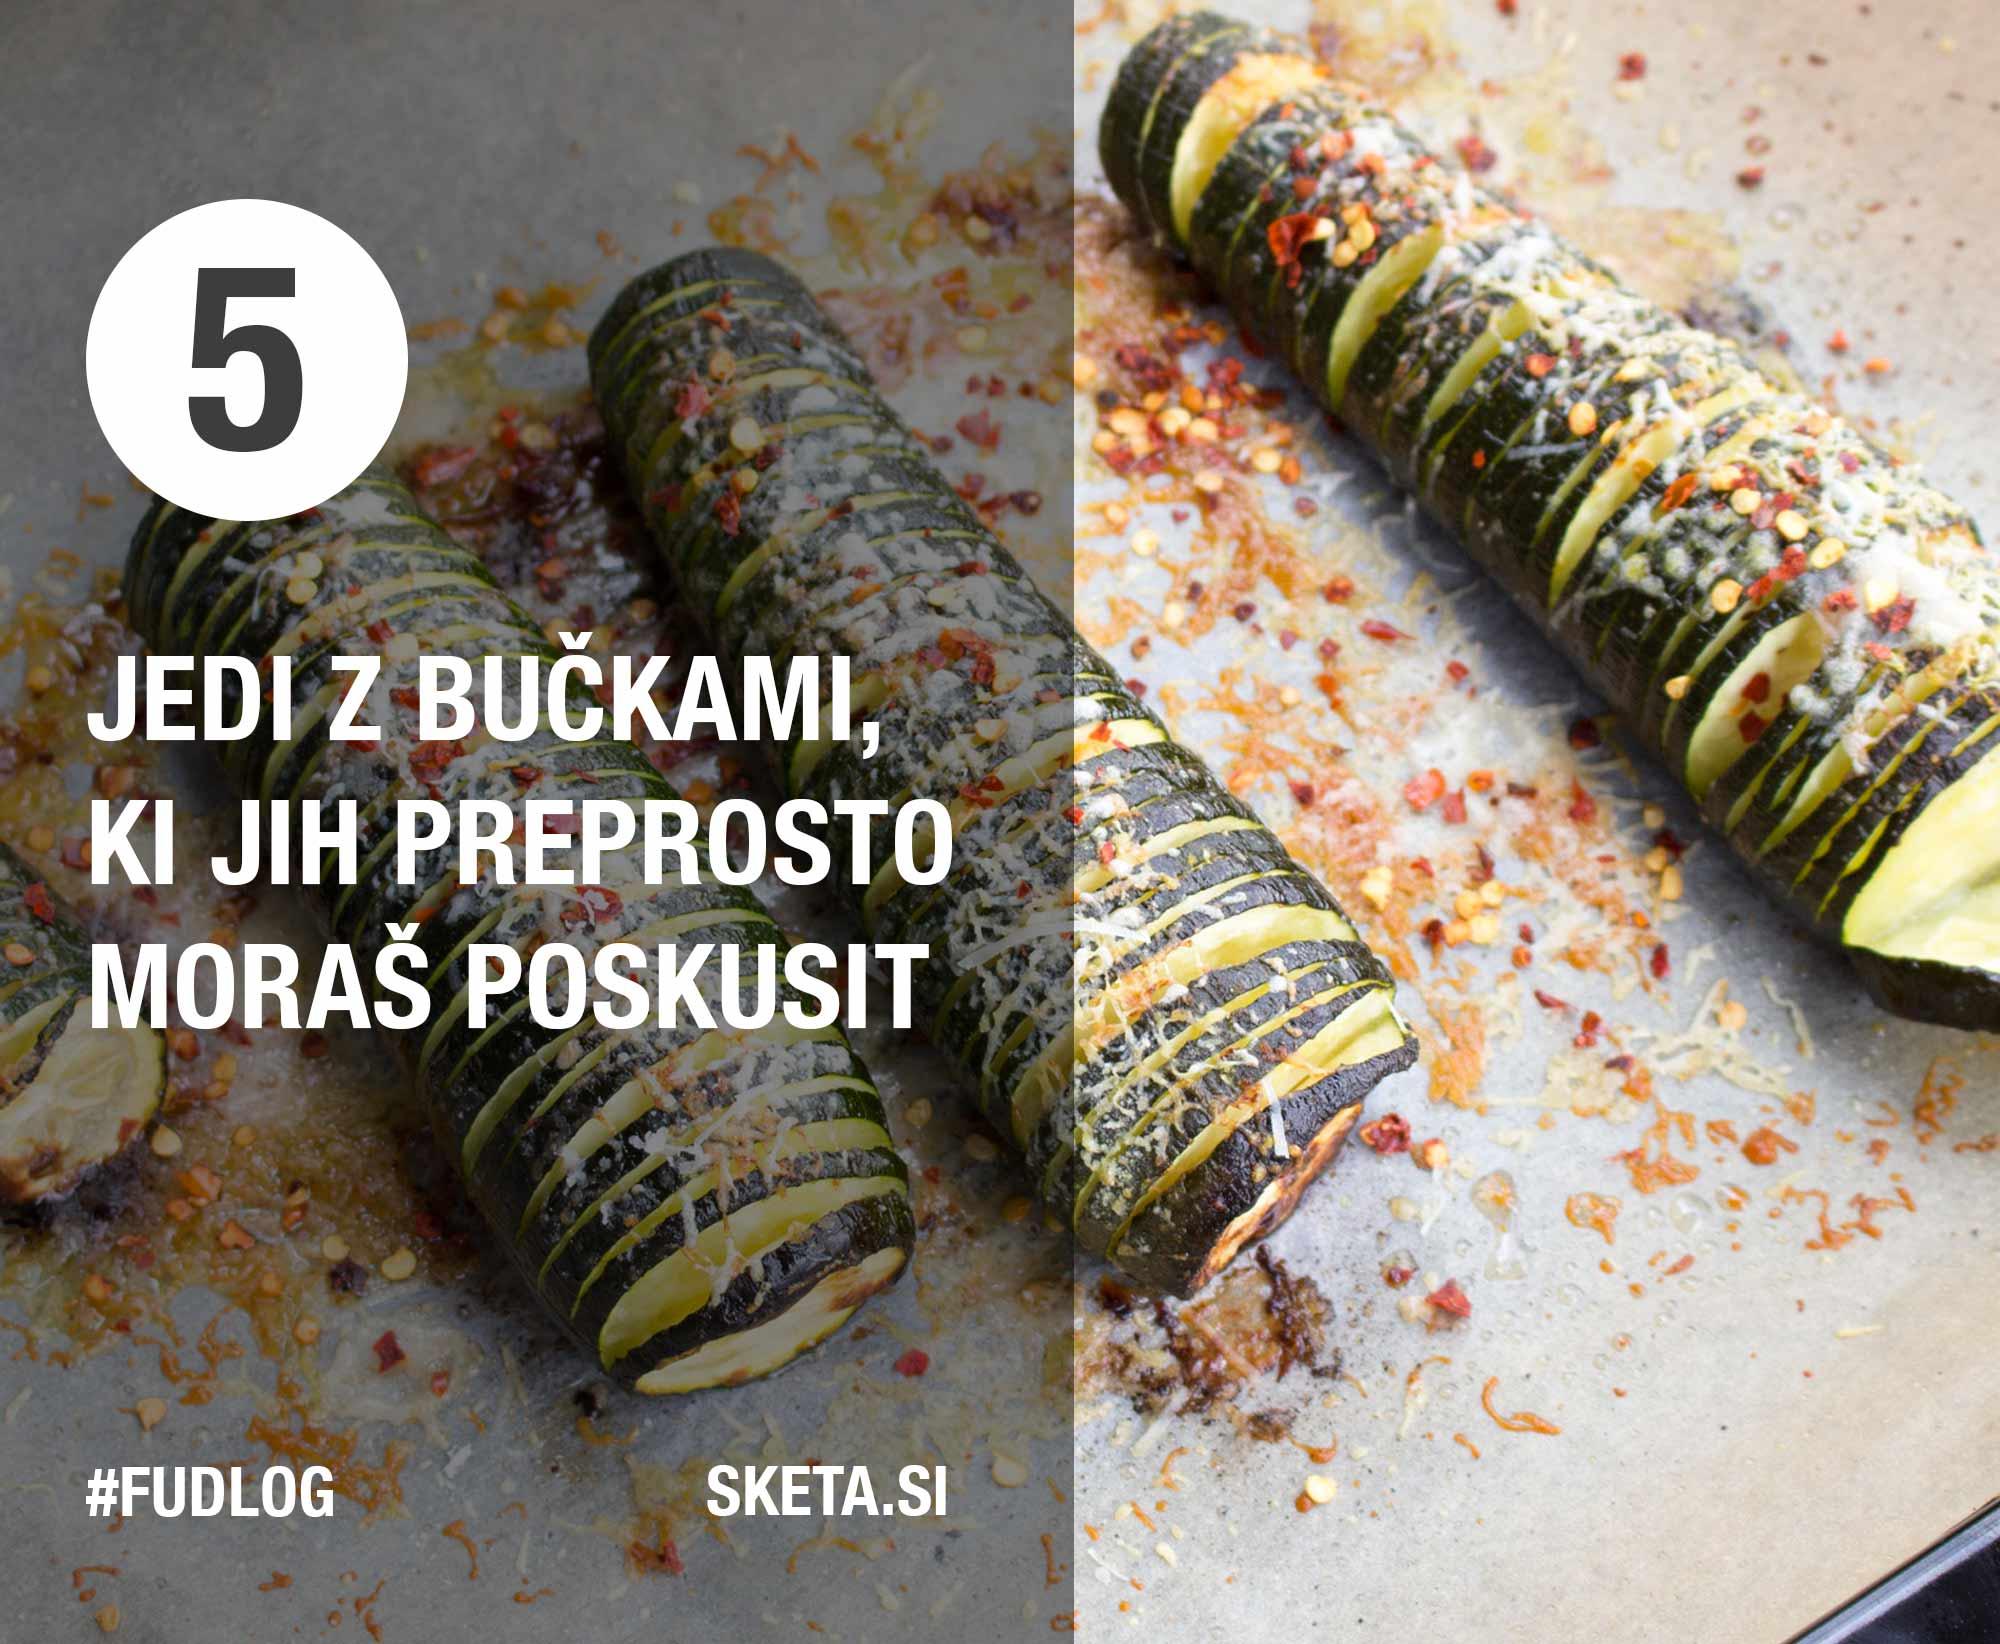 5 jedi z bučkami, ki jih moraš poskusit